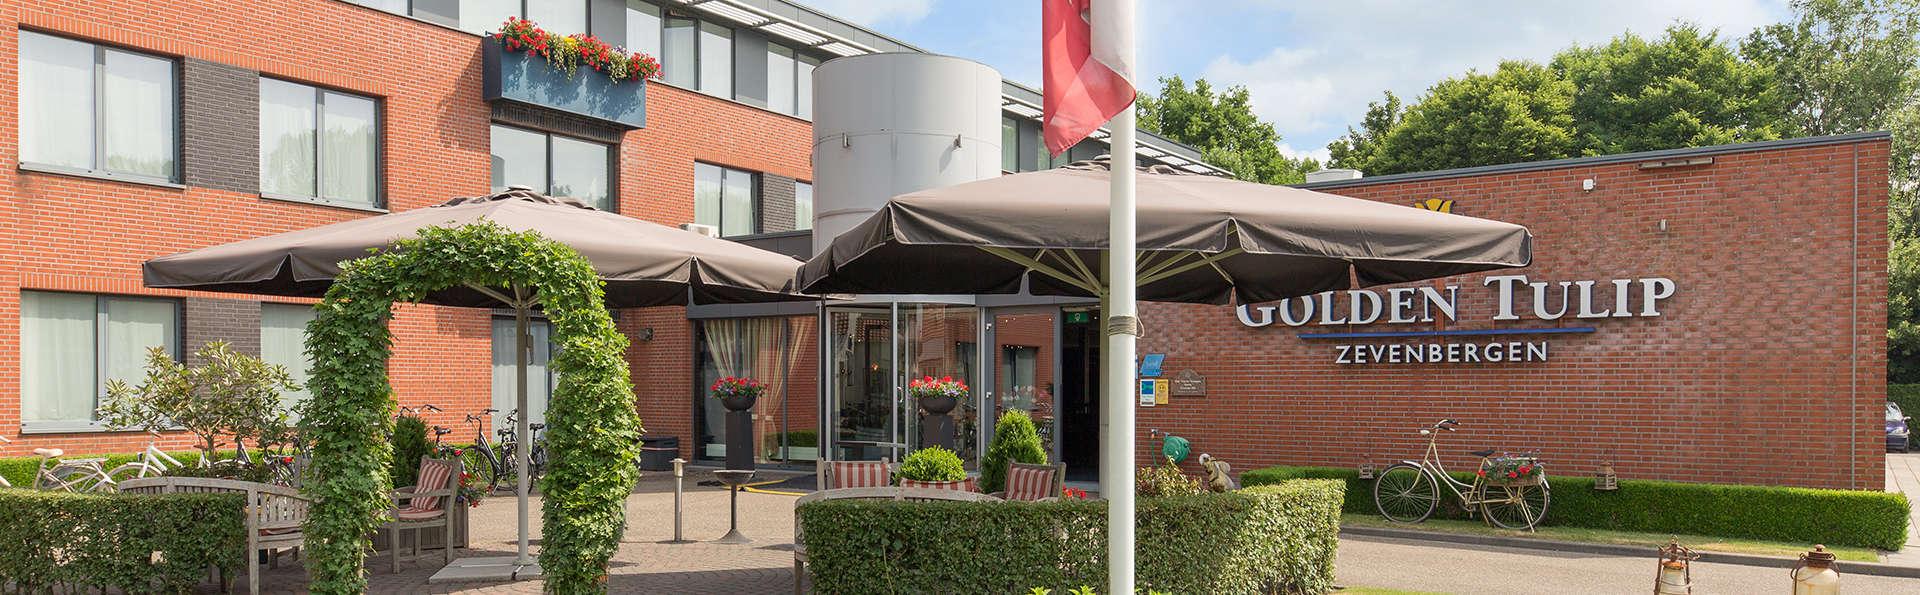 Golden Tulip Hotel Zevenbergen - EDIT_FRONT.jpg